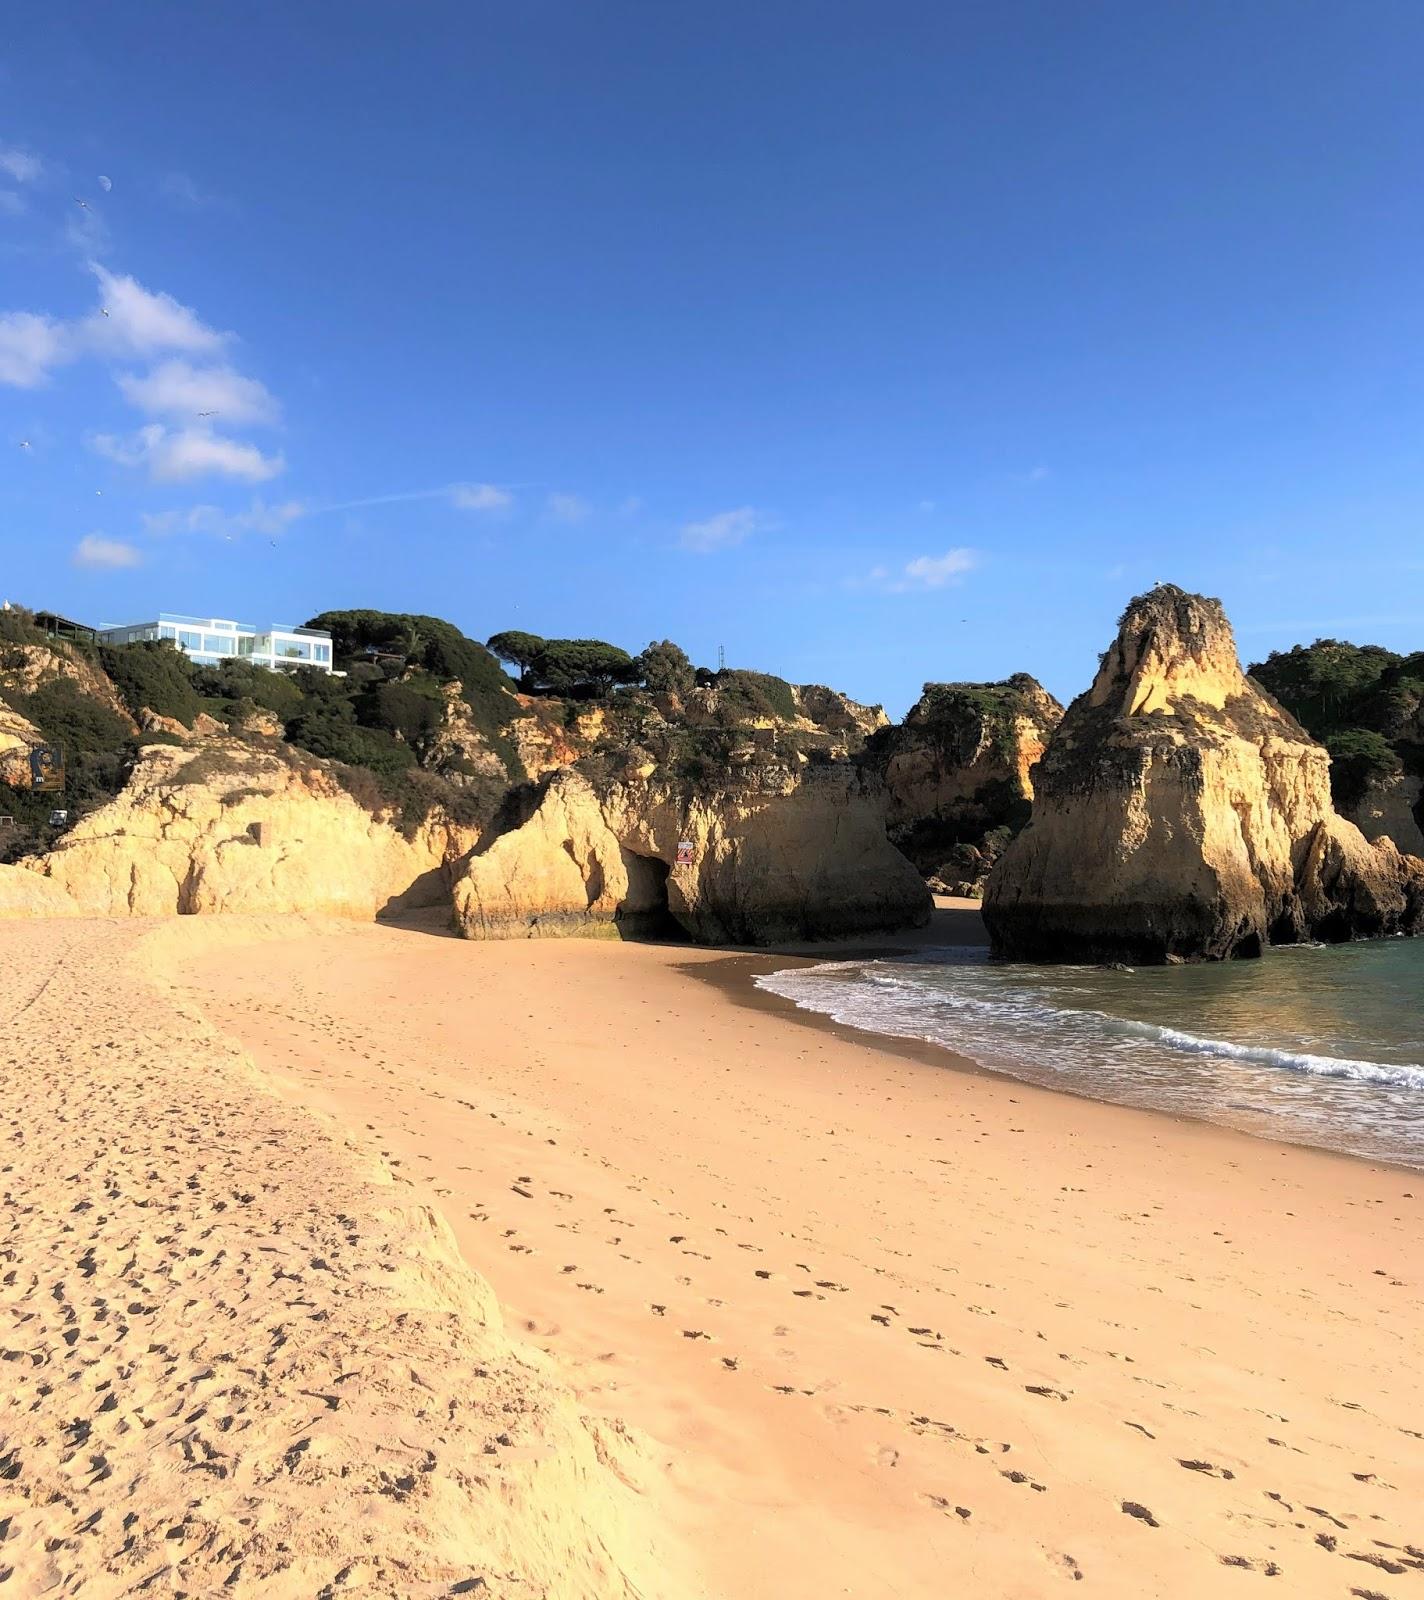 Praia-dos-Tres-Irmaos